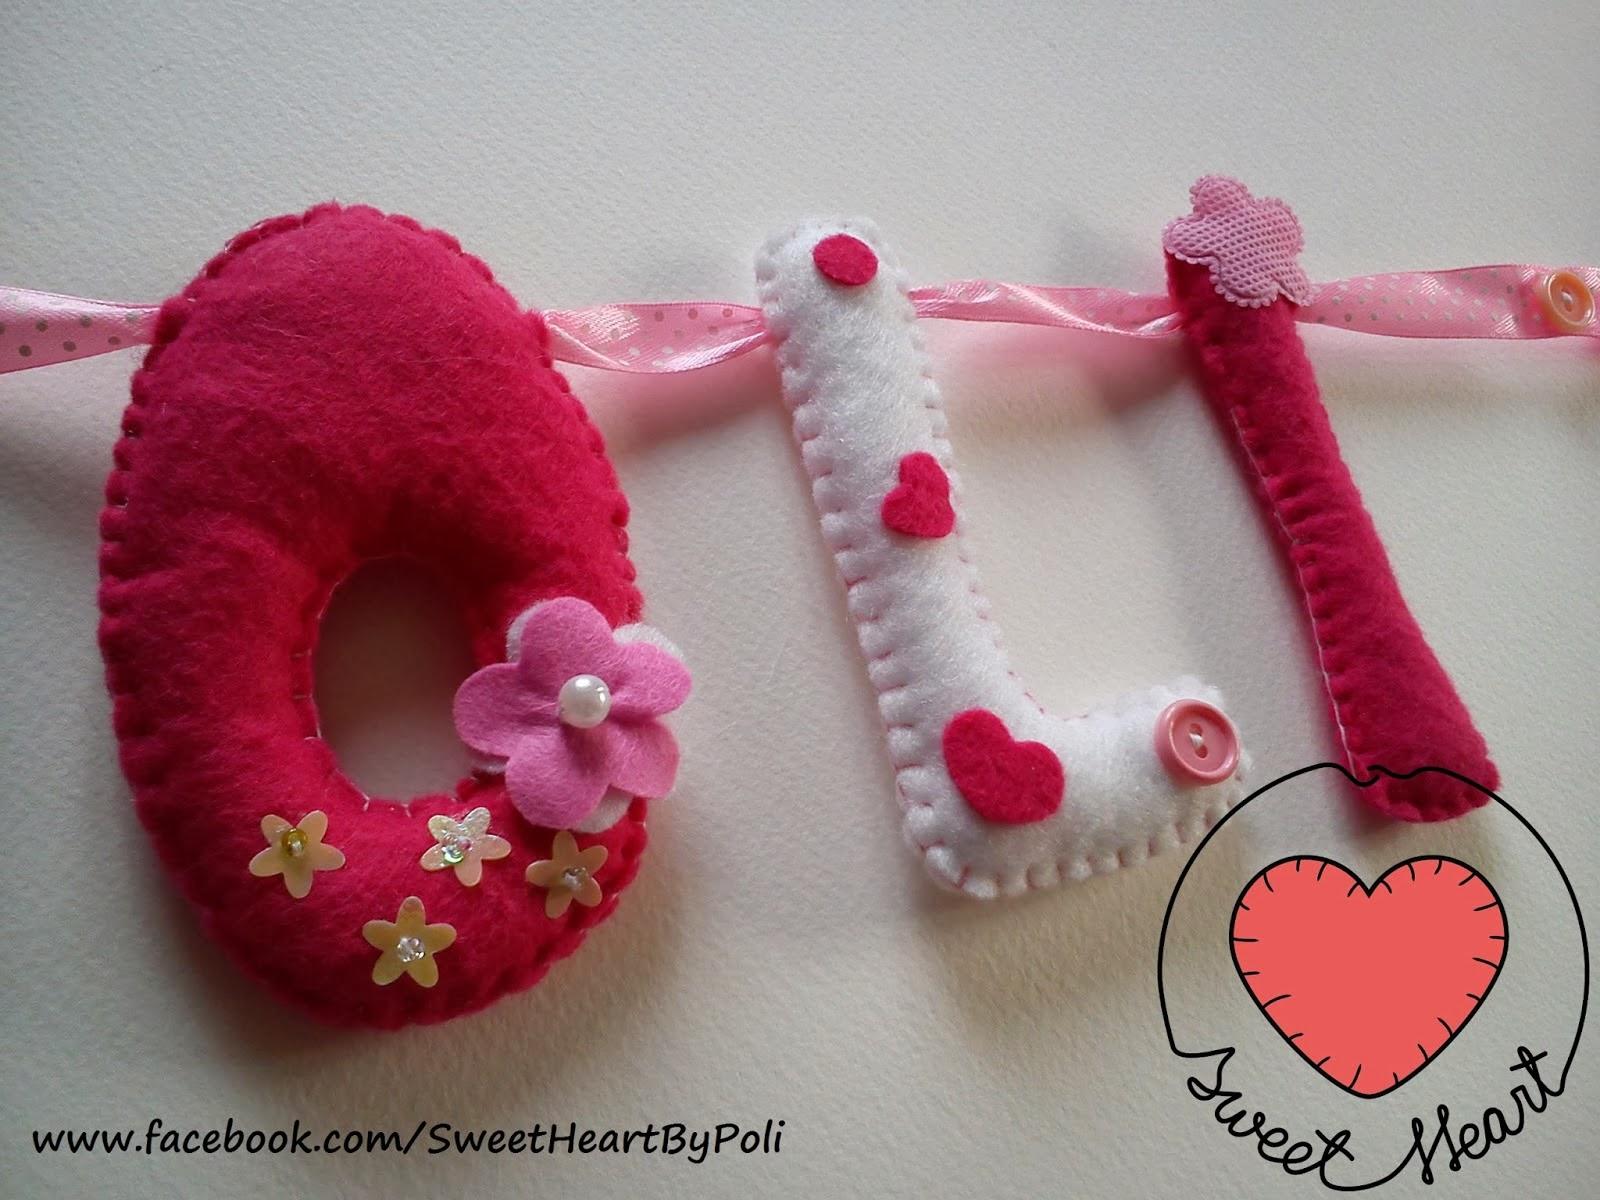 środowe inspiracje na Eco manufaktura Sweet Heart i filcowe ozdoby